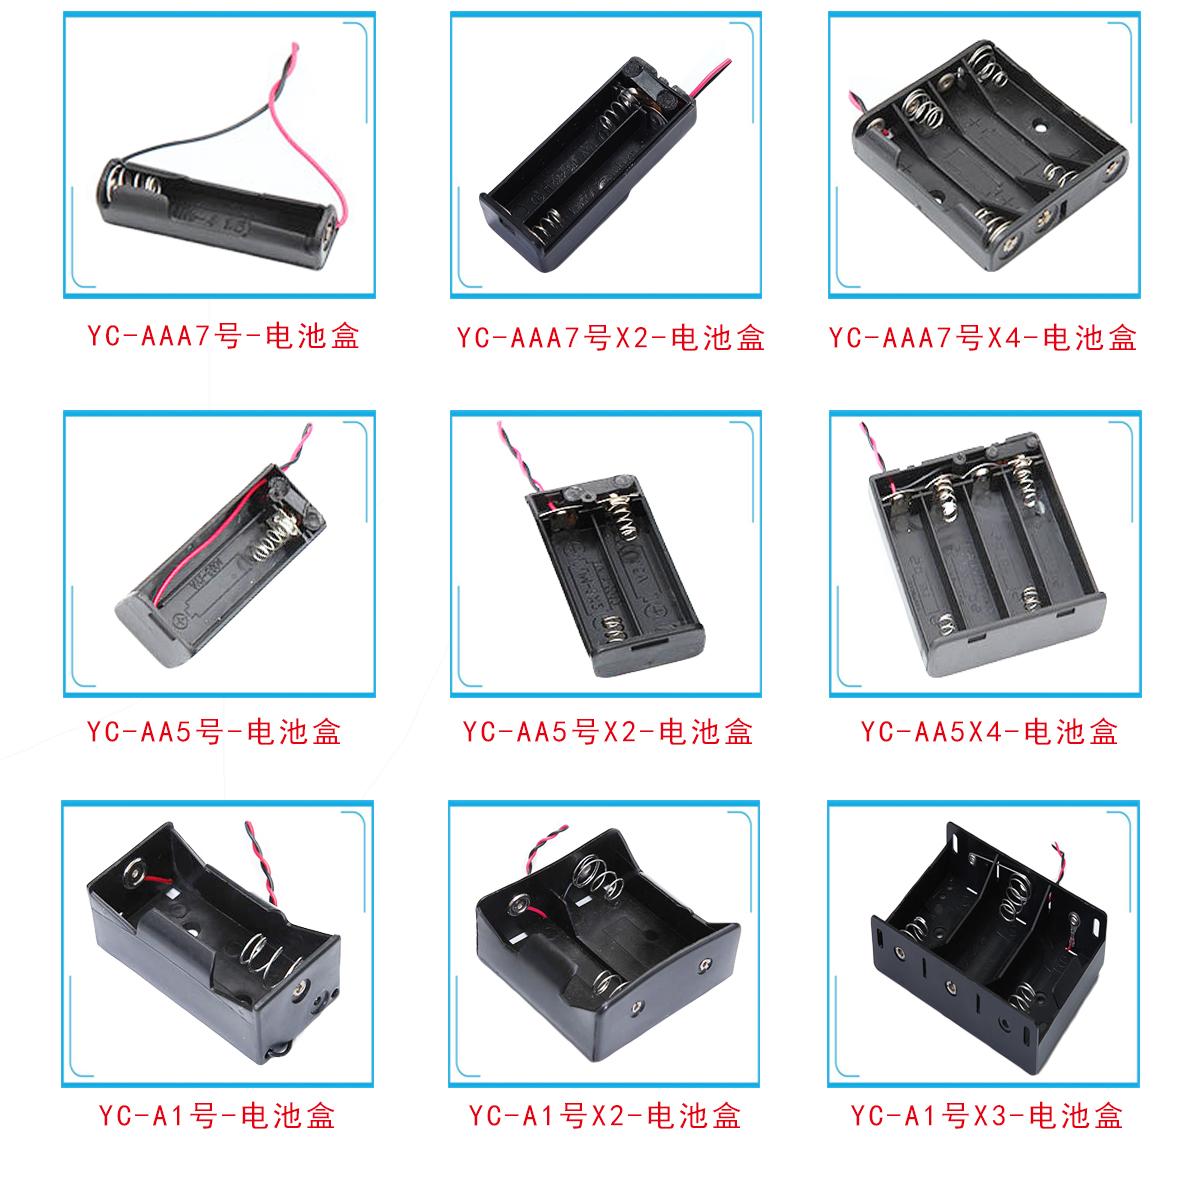 电池座盒.jpg